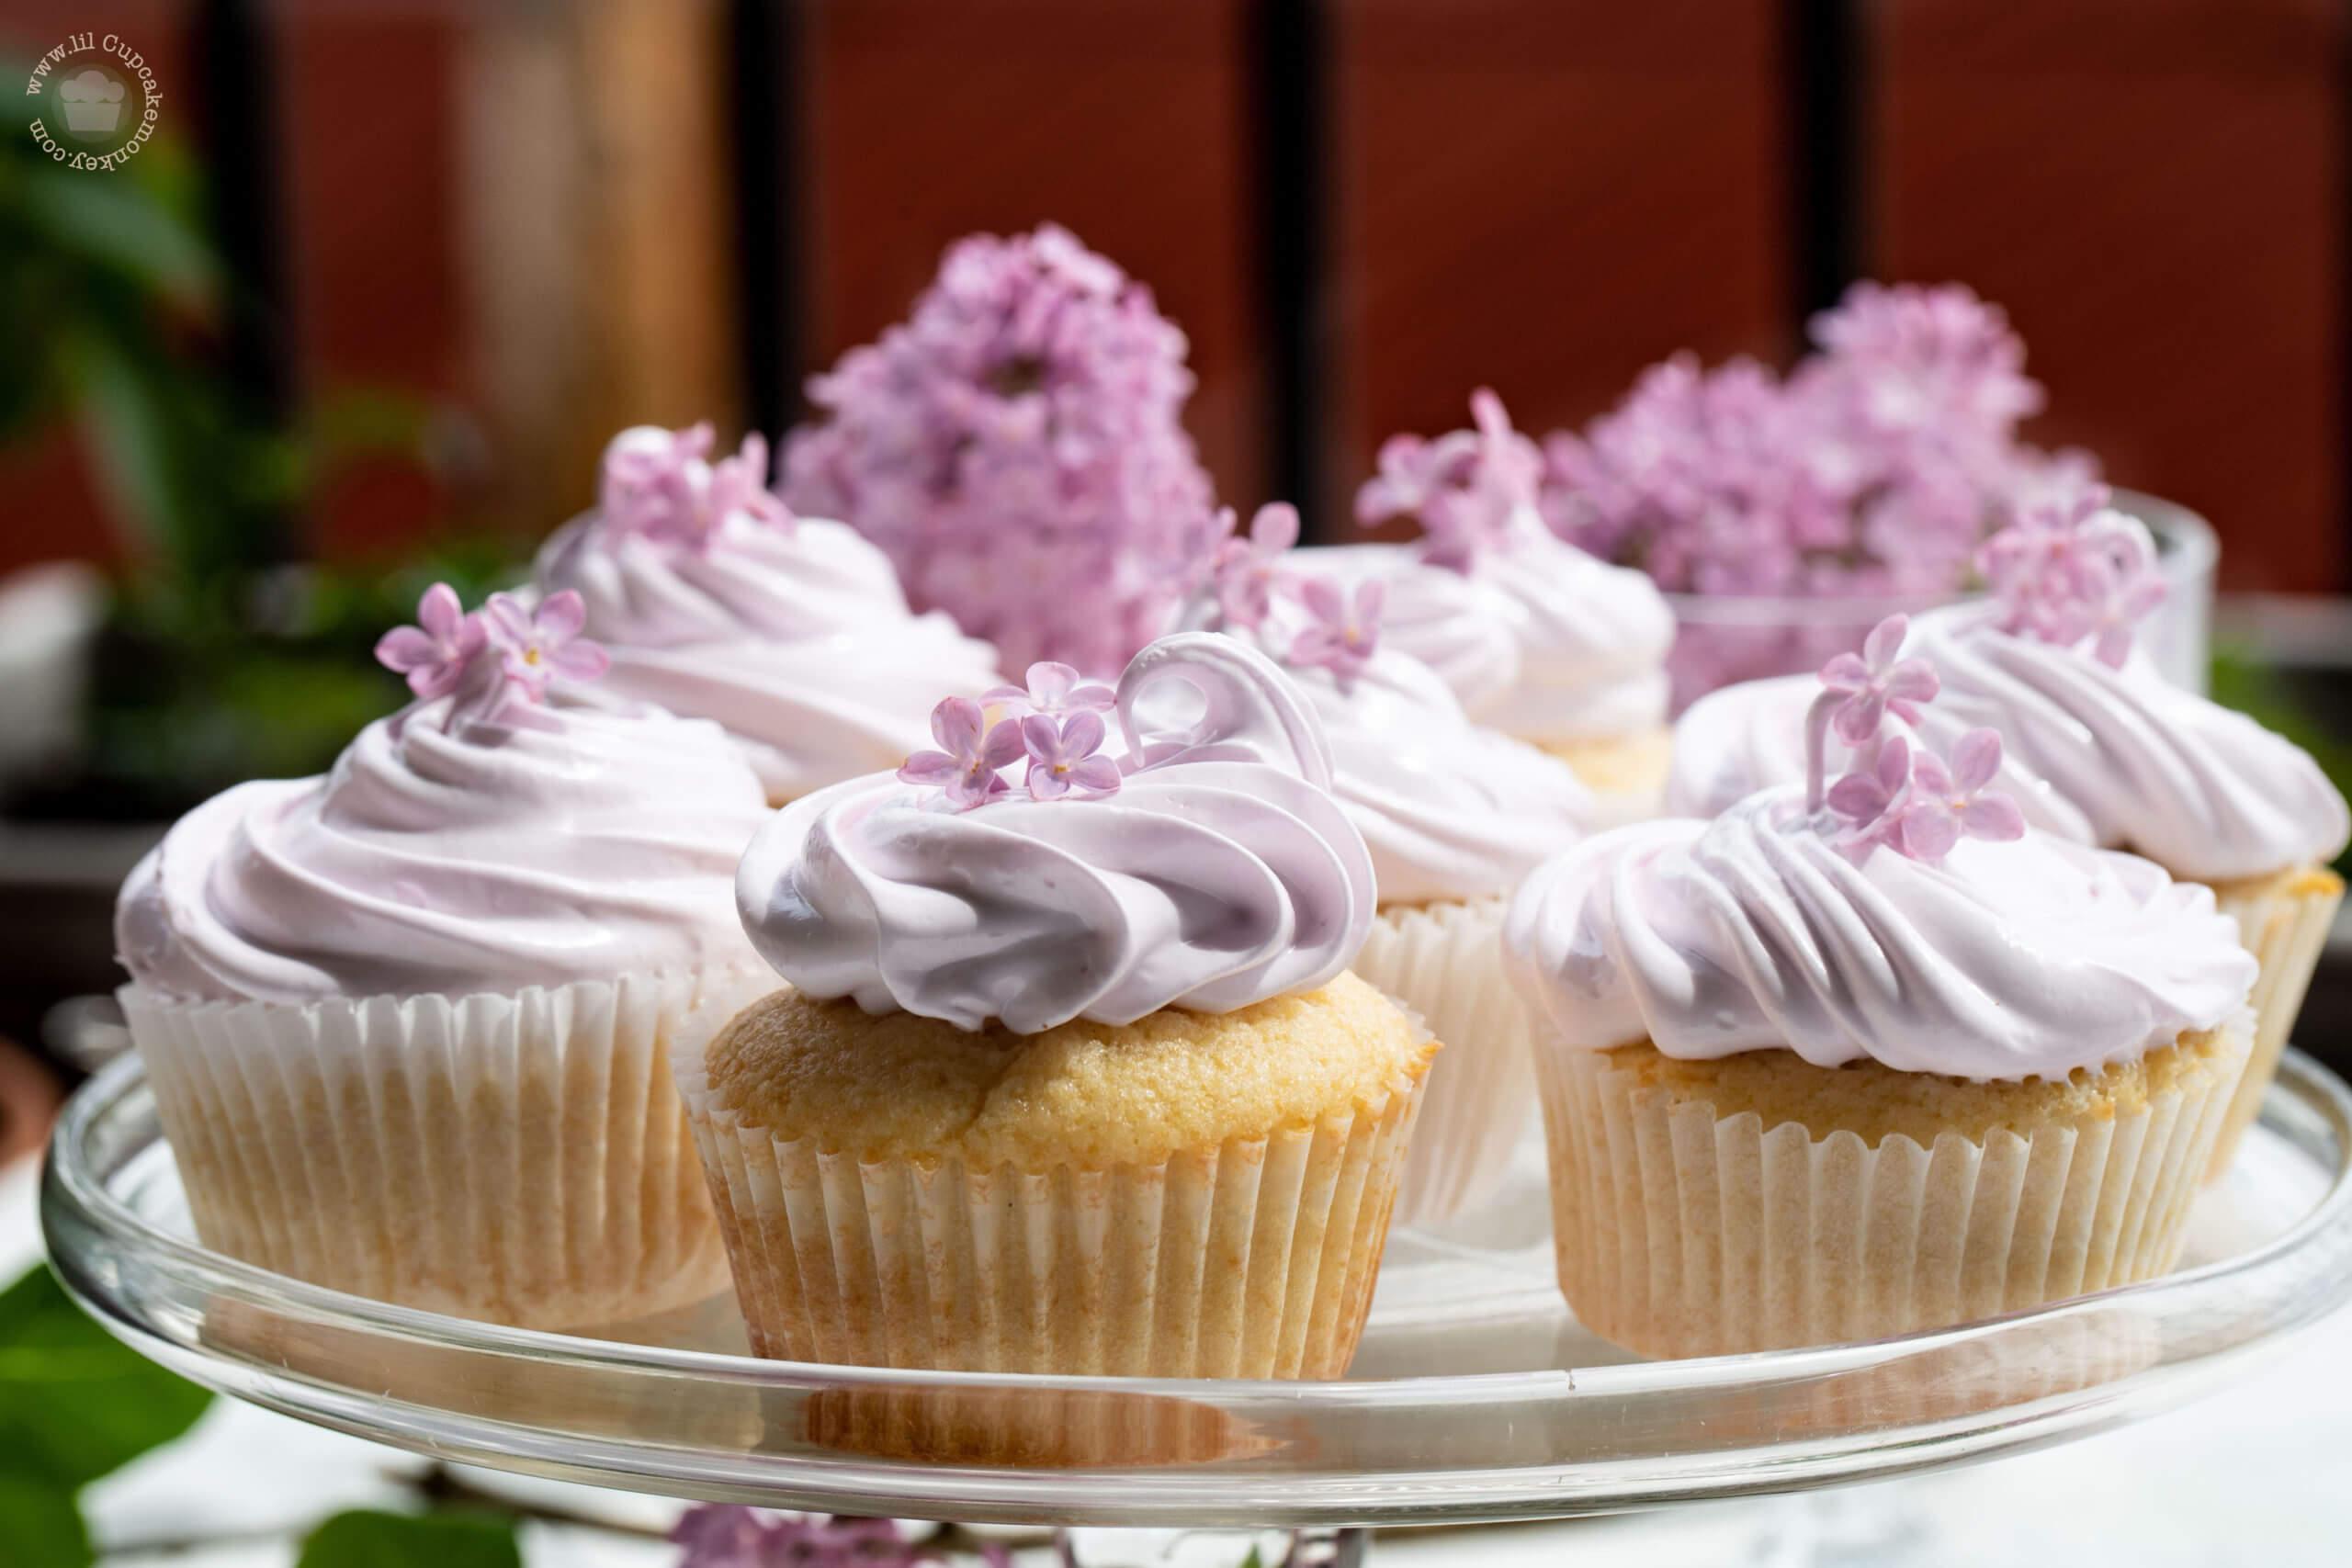 Lilac and Lemon Cupcakes Lilac and Lemon Cupcakes | lilcupcakemonkey.com